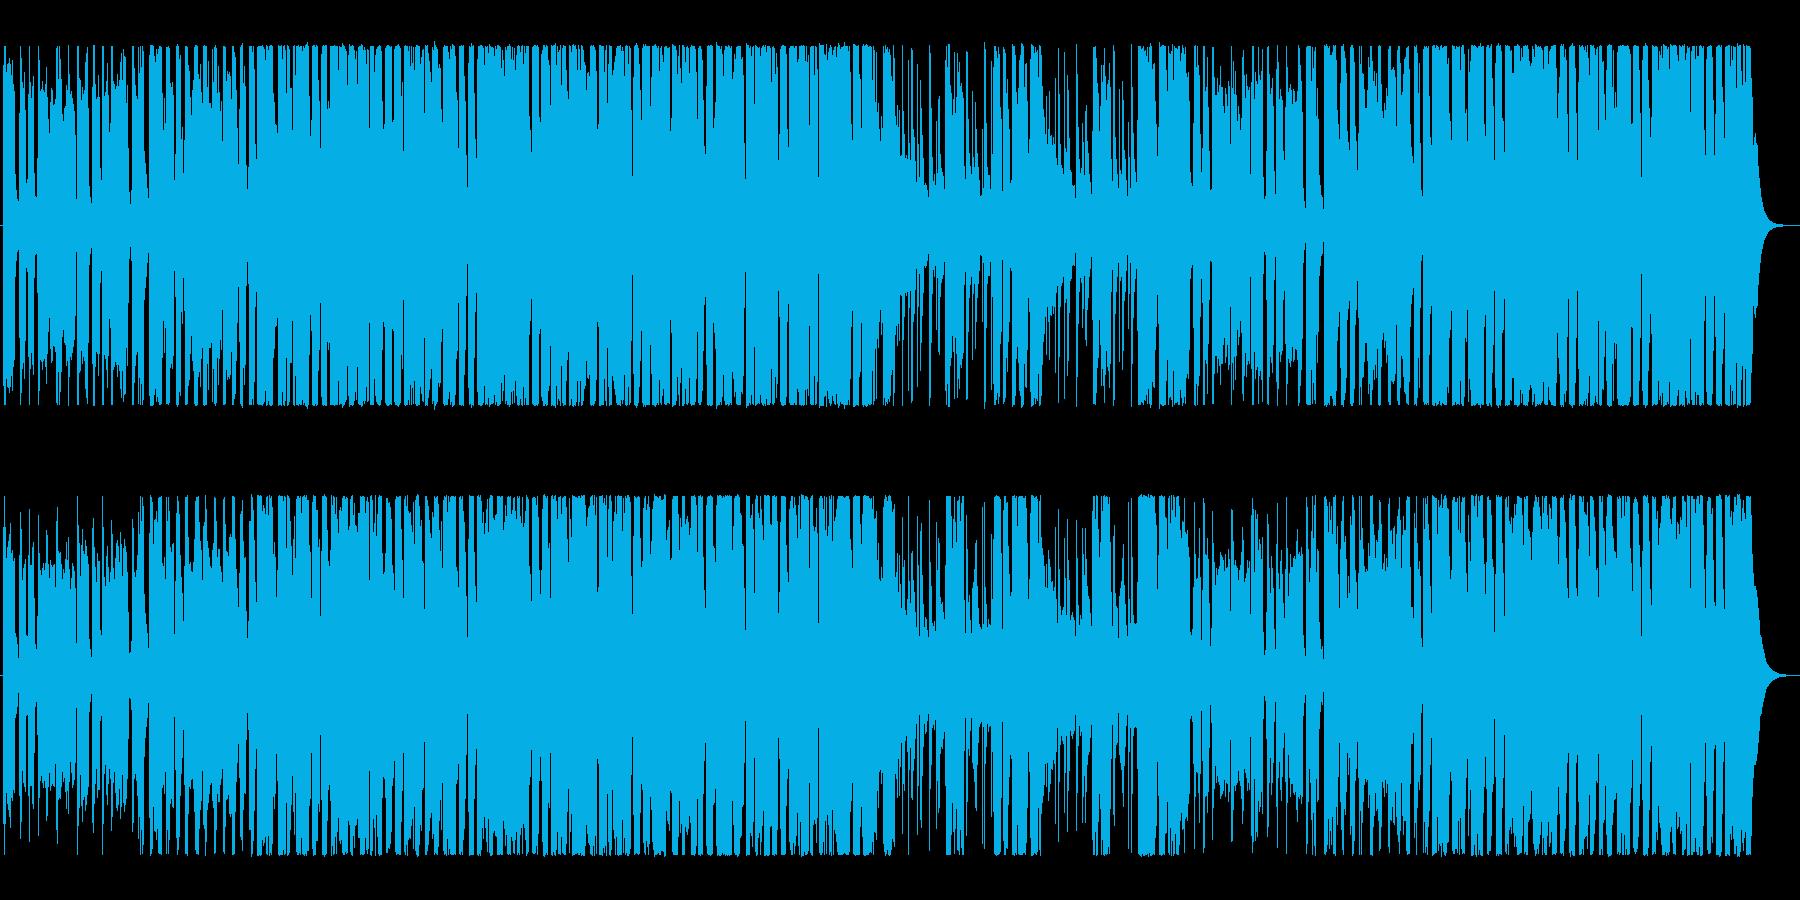 クール&高揚感映像向け、インディロック!の再生済みの波形